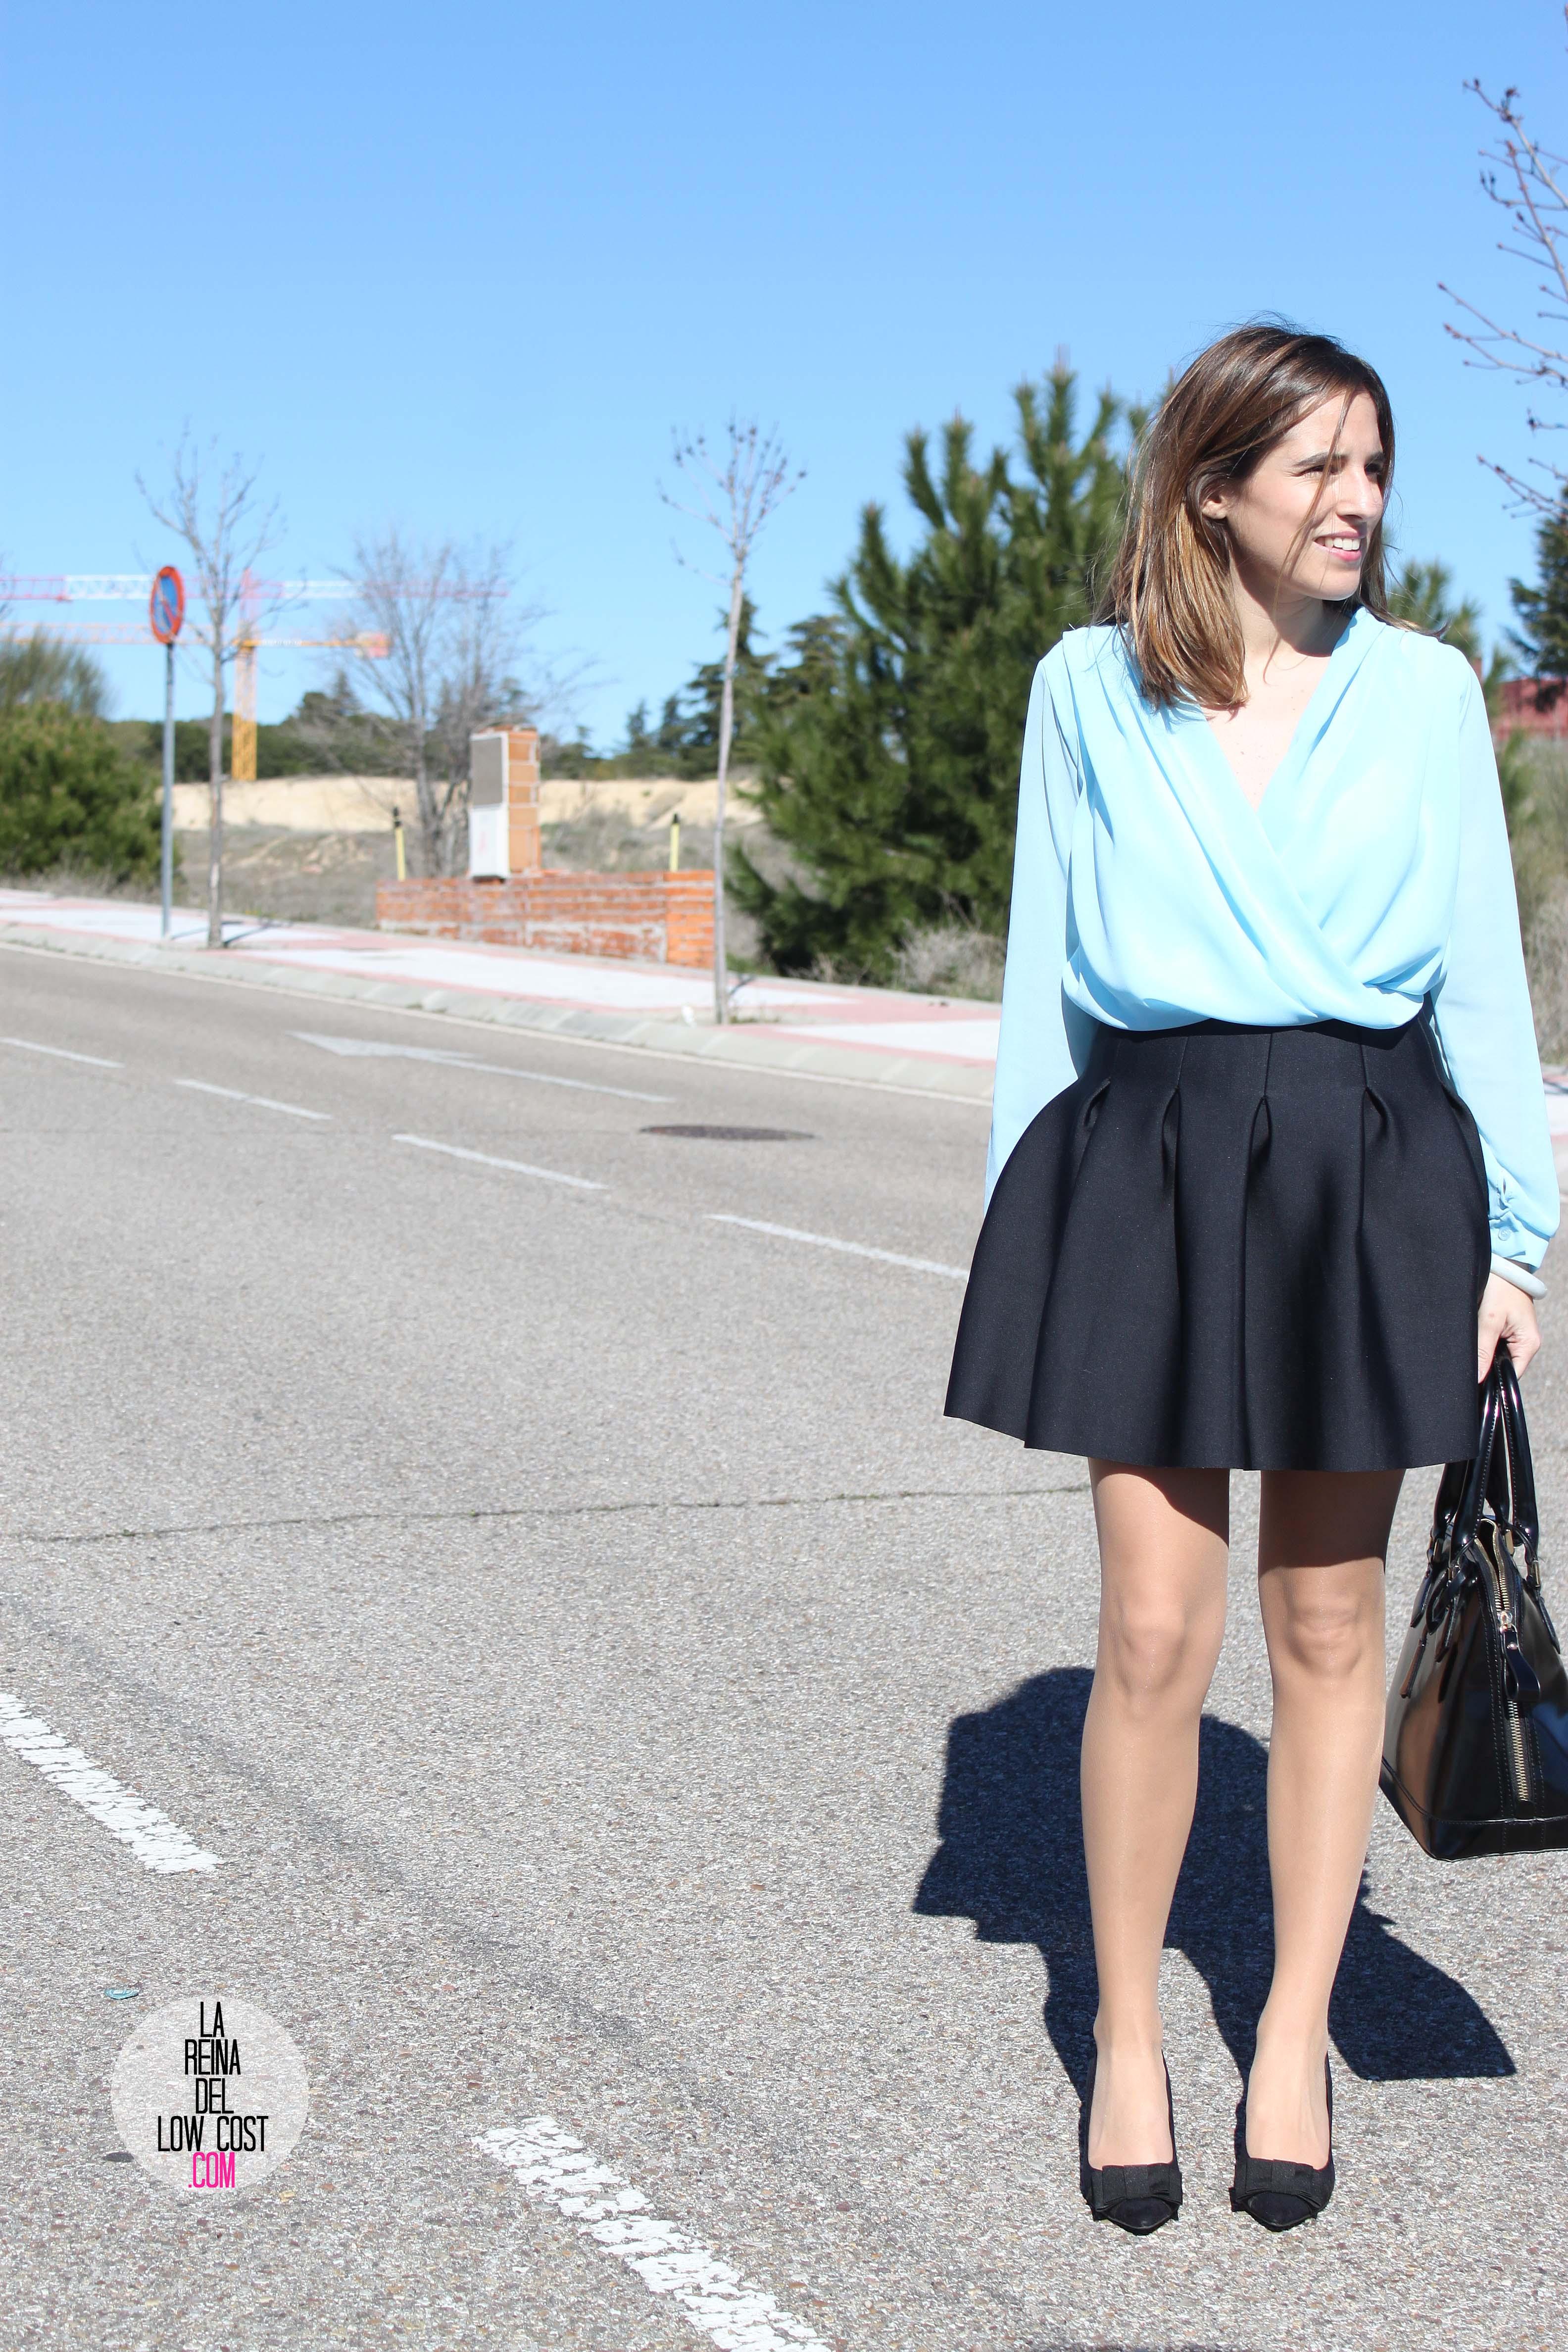 76cd525a57 ... La Reina del Low Cost blog de moda real elvestidordelamoda look oficina  afterwork body gasa falda